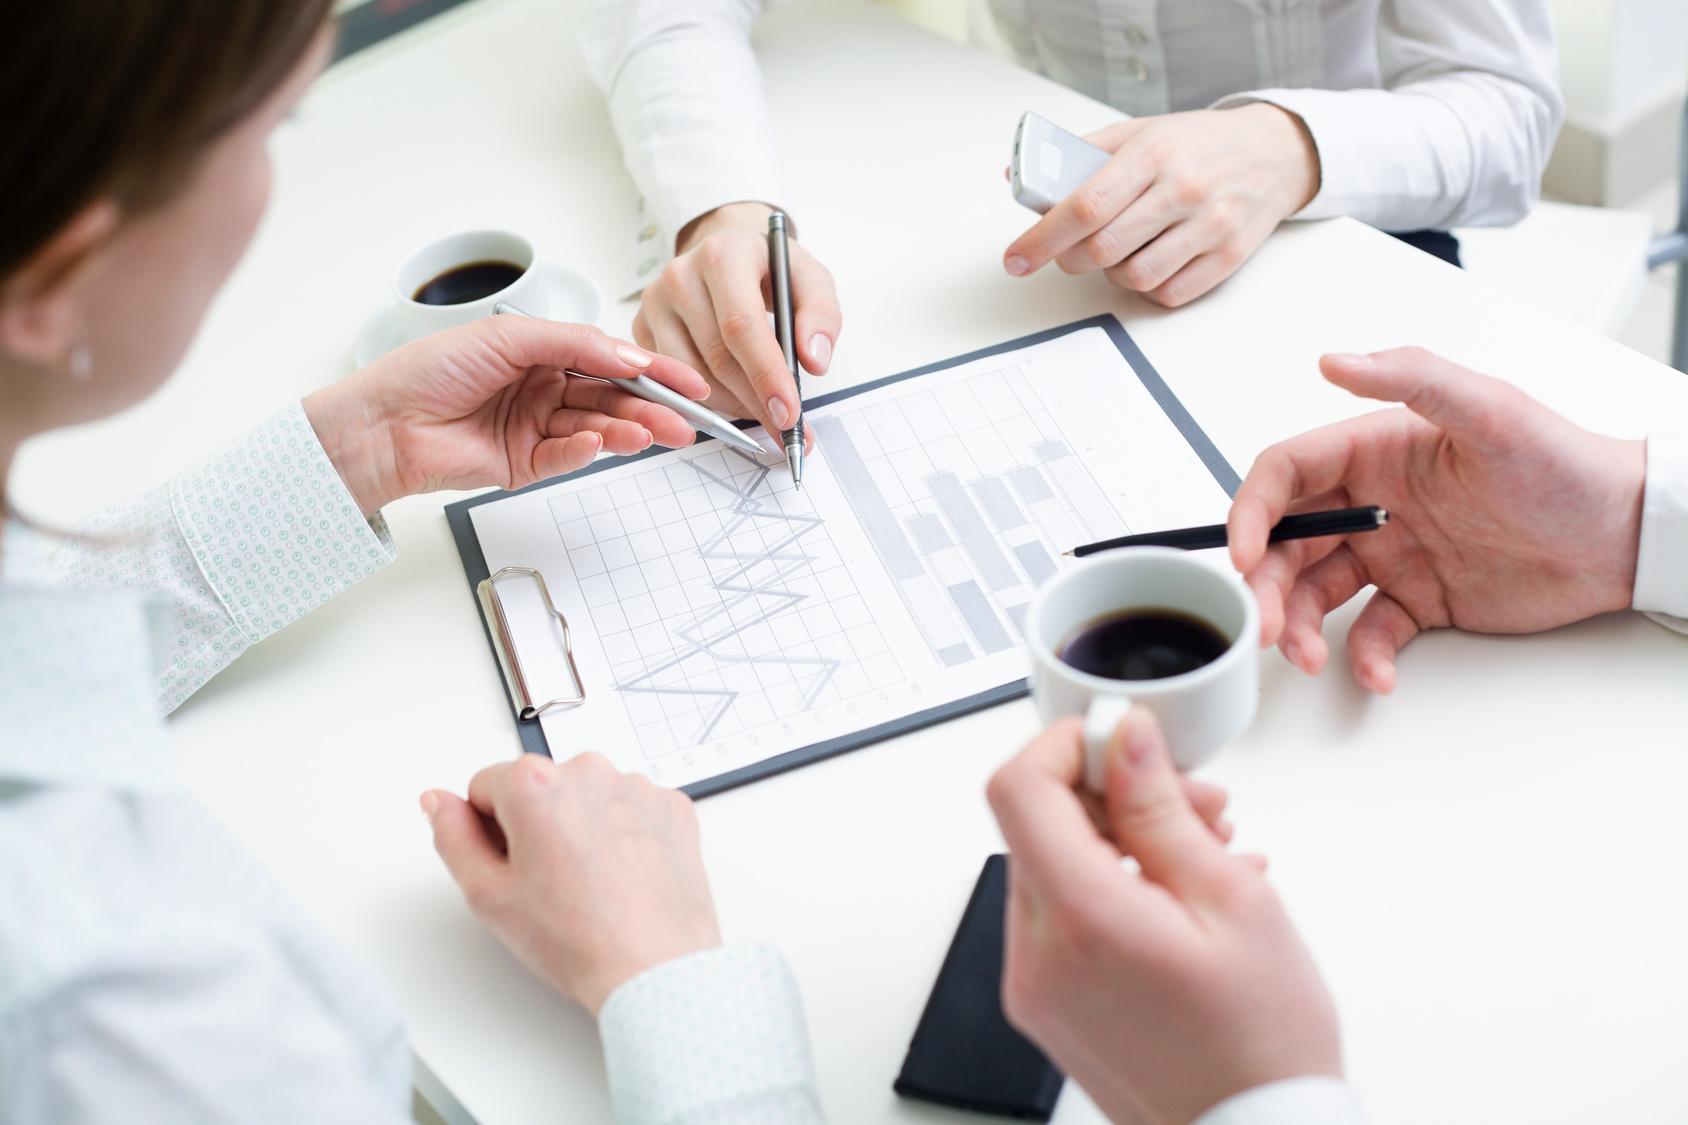 Cuestor analistas asesores en concesiones y cpp u2013 modificación de